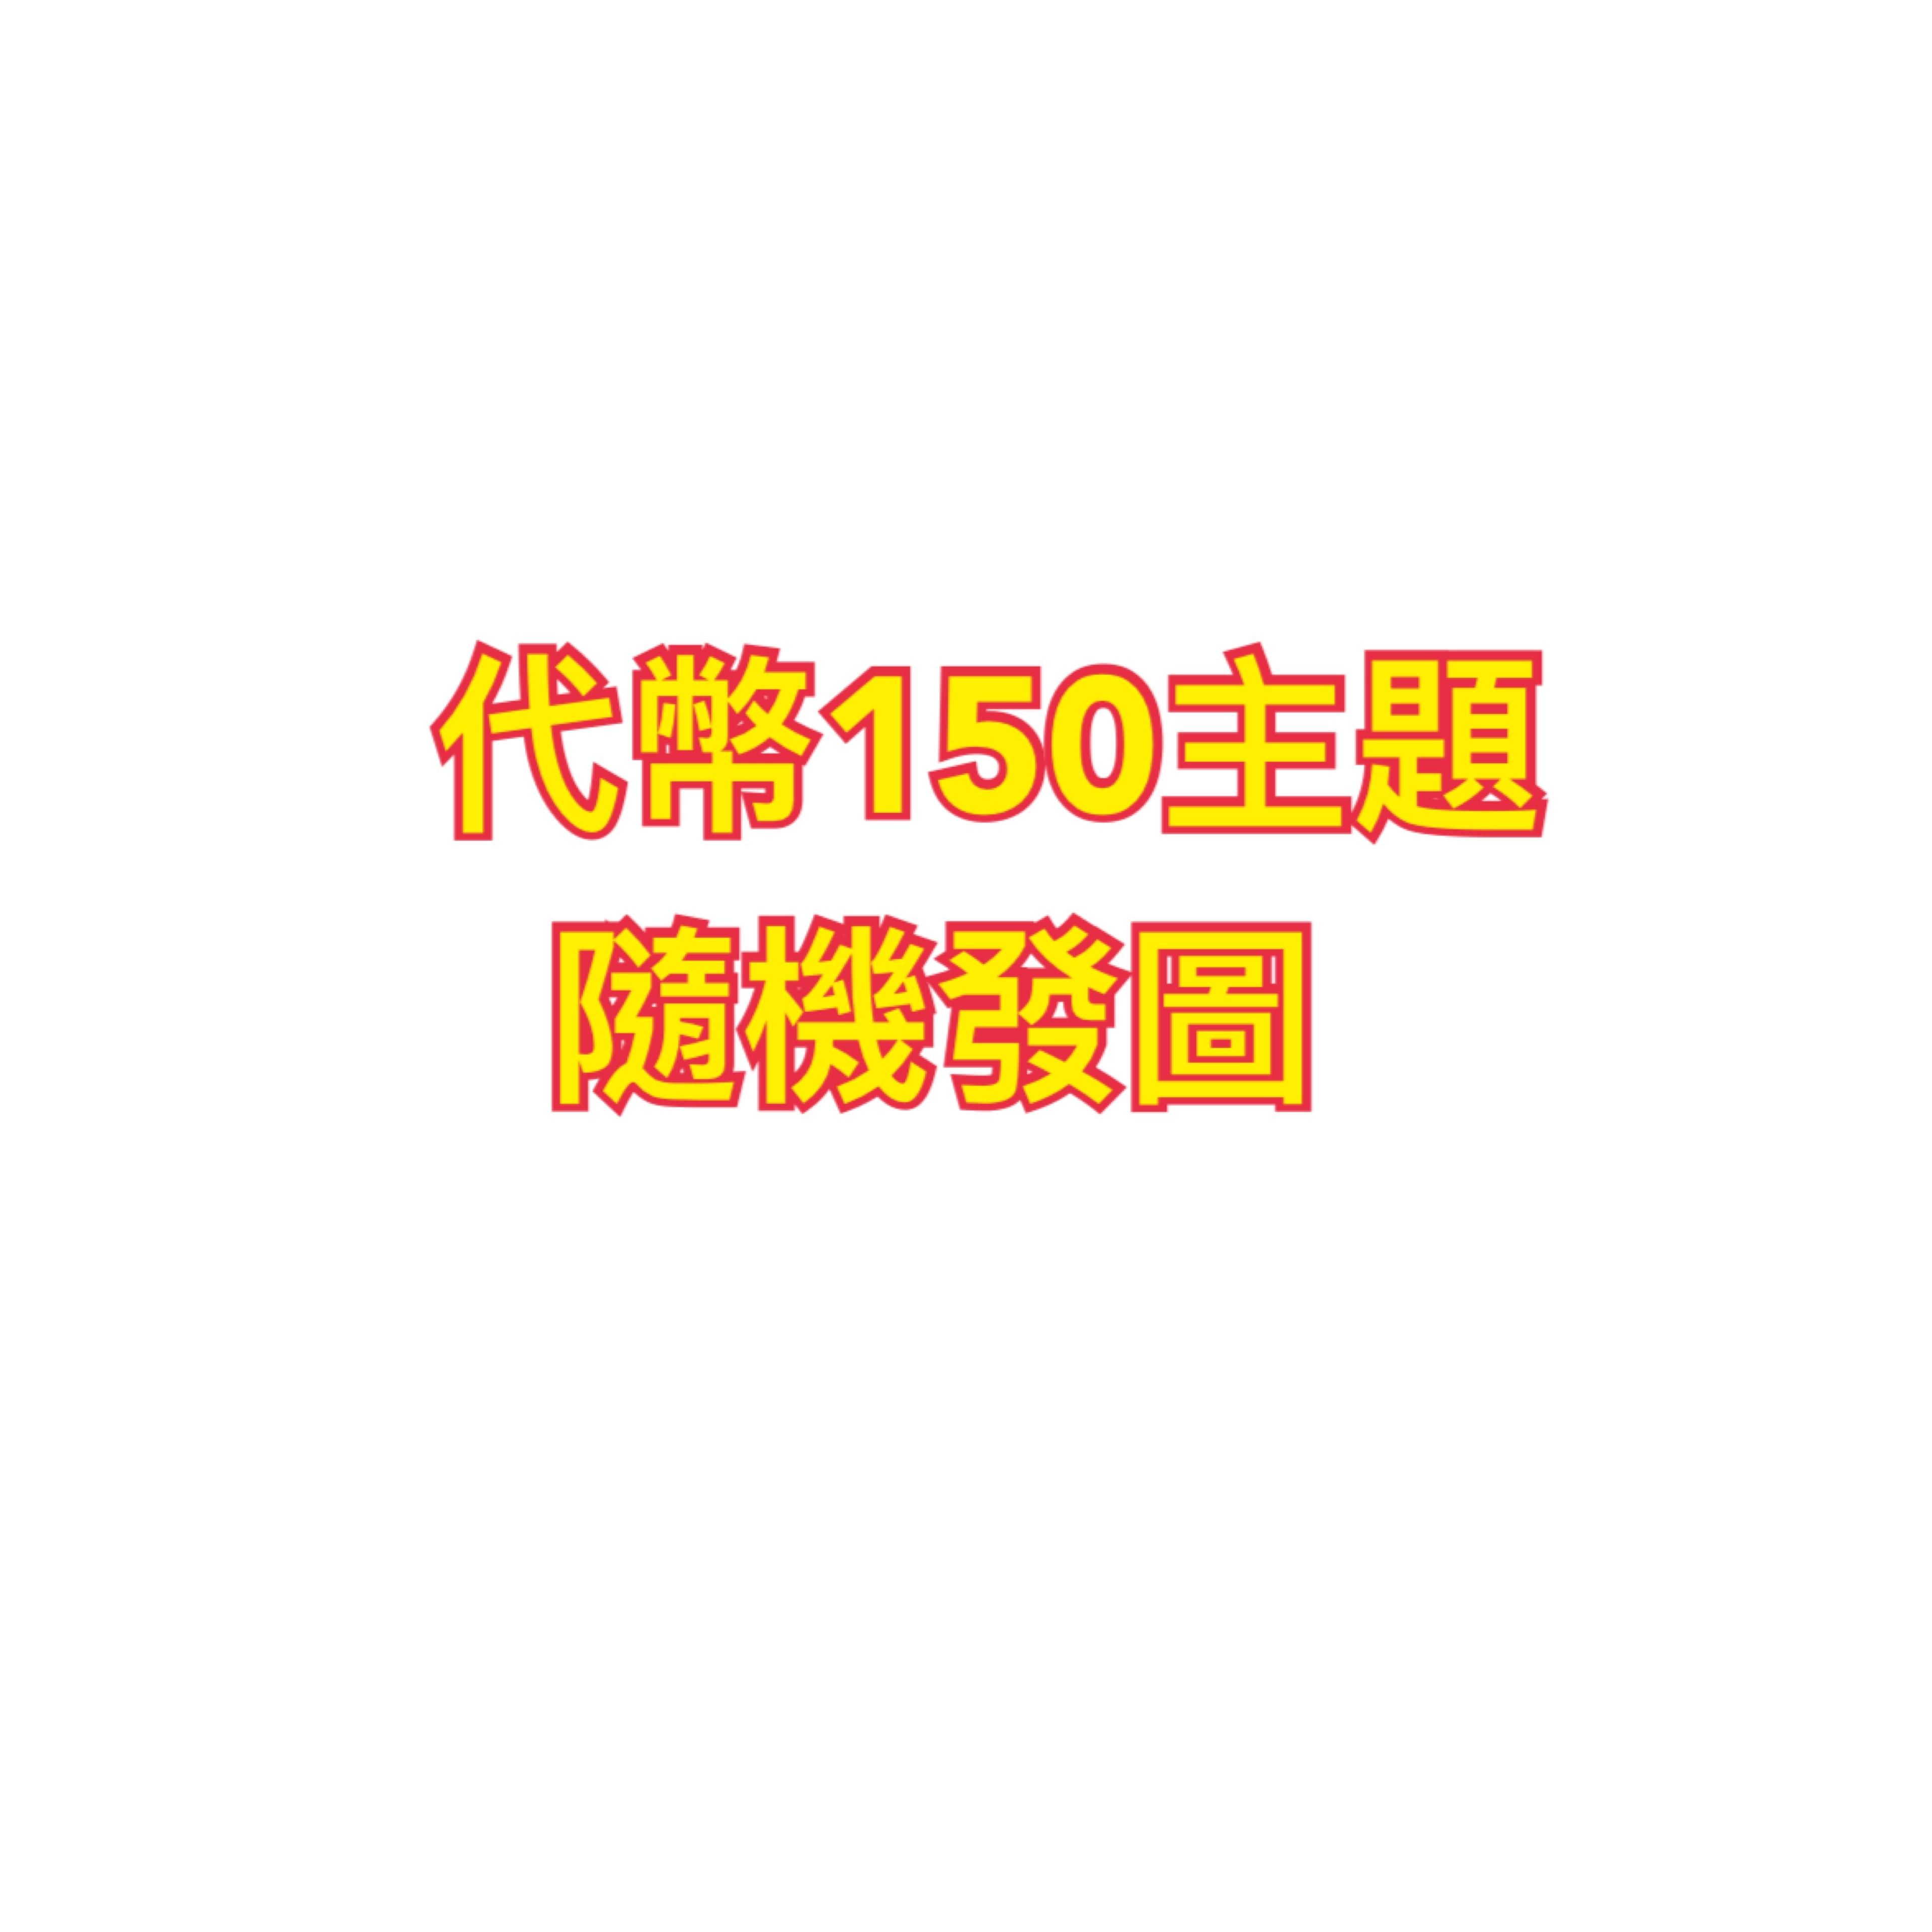 代幣150主題隨機發圖